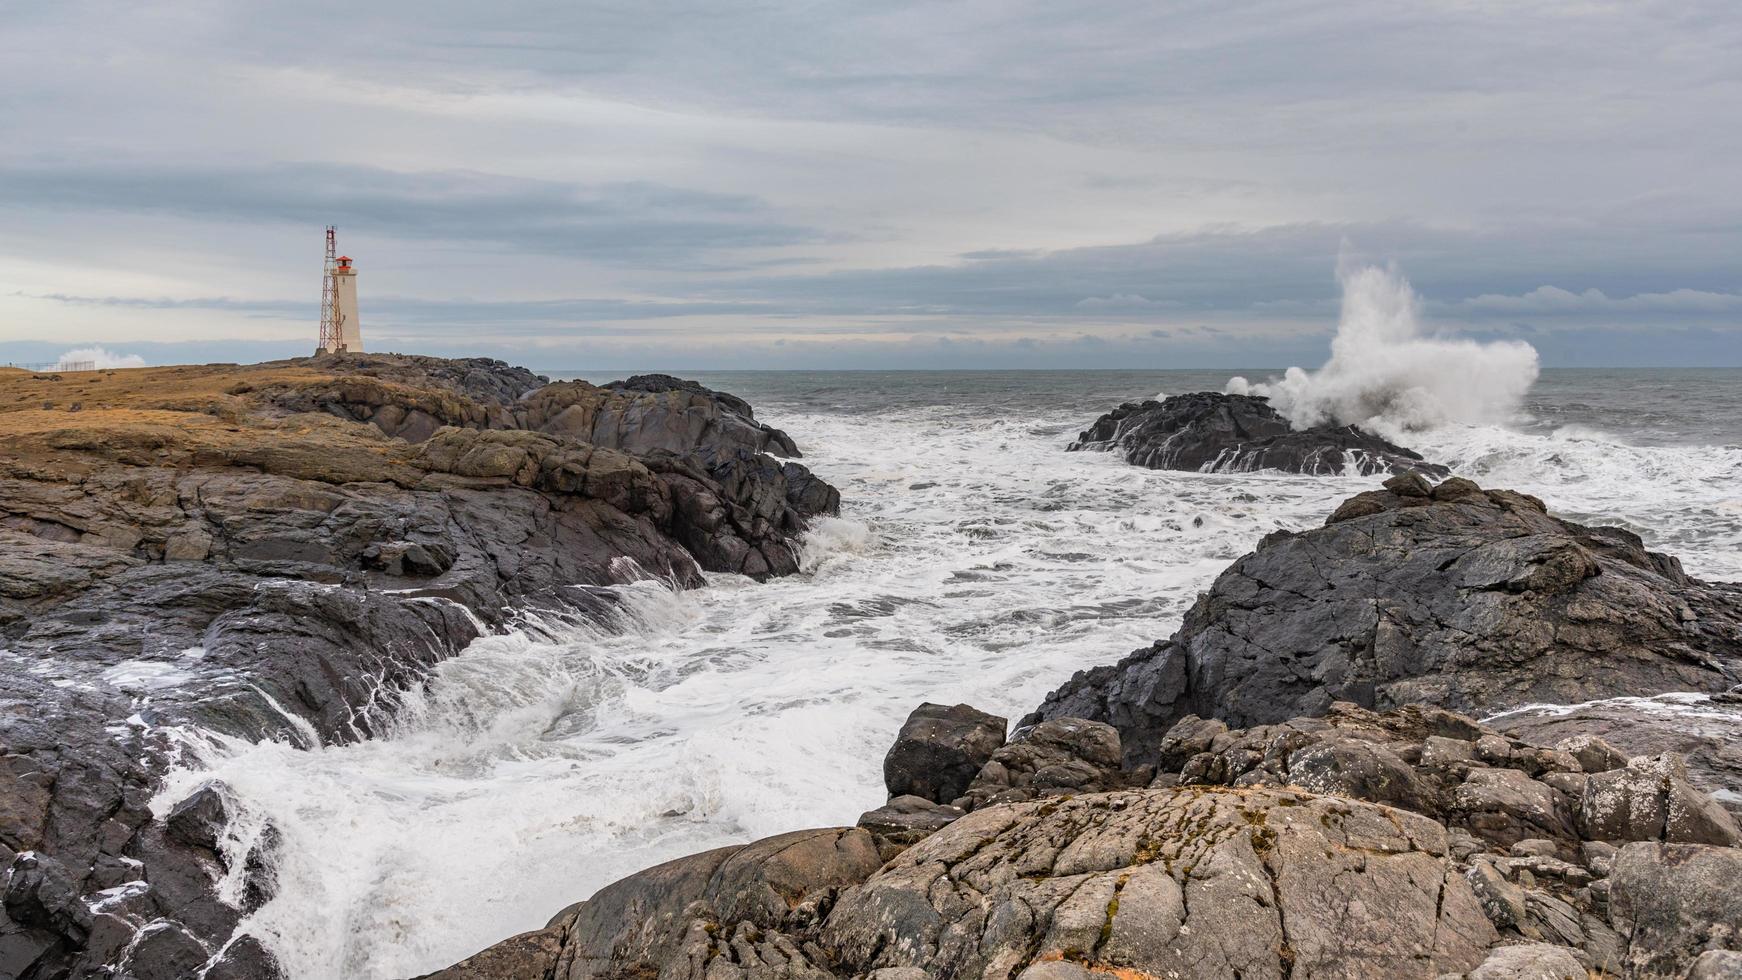 onde che si infrangono nel parco nazionale vatnajokull in islanda foto